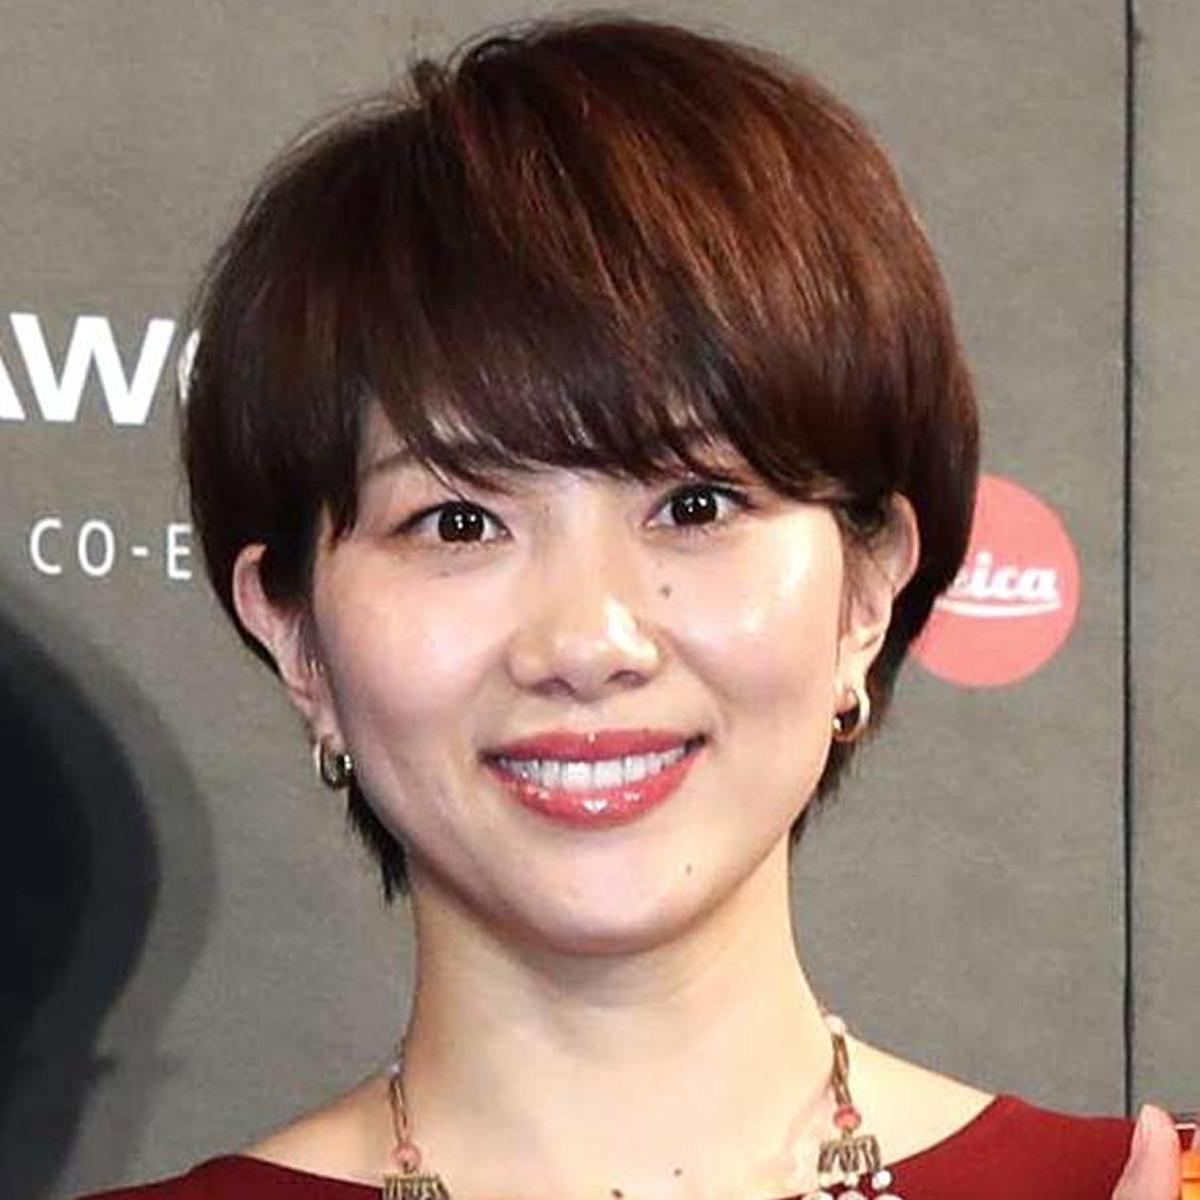 潮田玲子さん、5歳長男と3歳長女の顔出しショットを公開「美男美女」「ママそっくり」(スポーツ報知) - Yahoo!ニュース